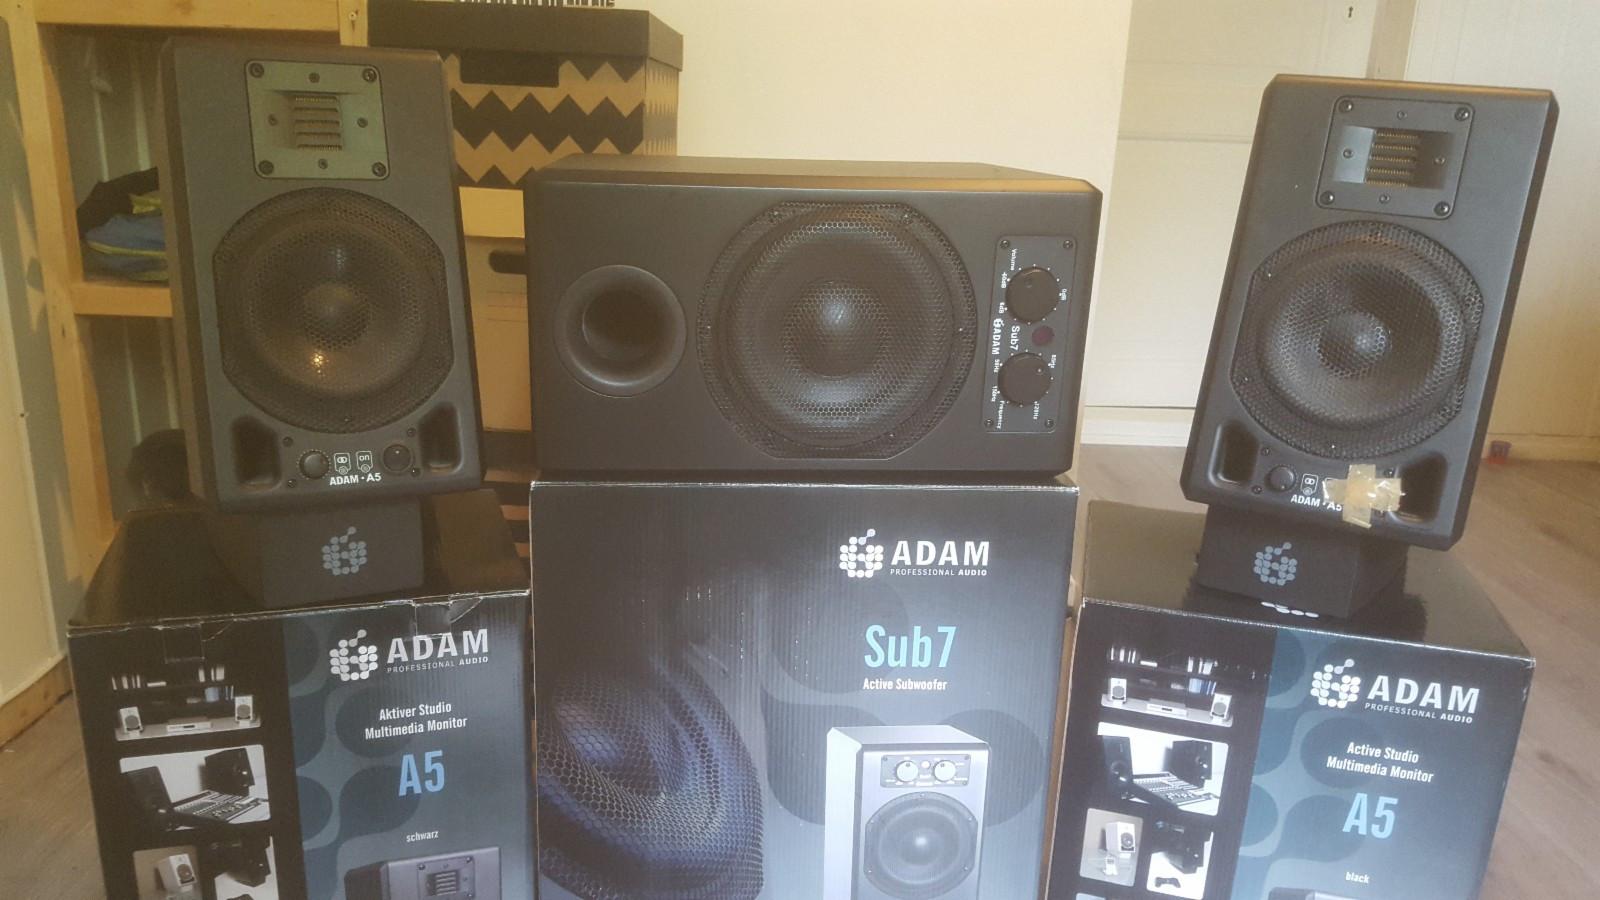 Adam A5 studio monitorer med A7 sub inkl stativ og kabler - Støren  - Selger et studio monitor oppsett da det ikke lenger er i bruk. Dette er bra og kjent highend merke med veldig god lyd som kan anbefales for mindre studio og hobbymusikere som er kresen på lydkvaliteten.  Settet består av: 2stk - Støren